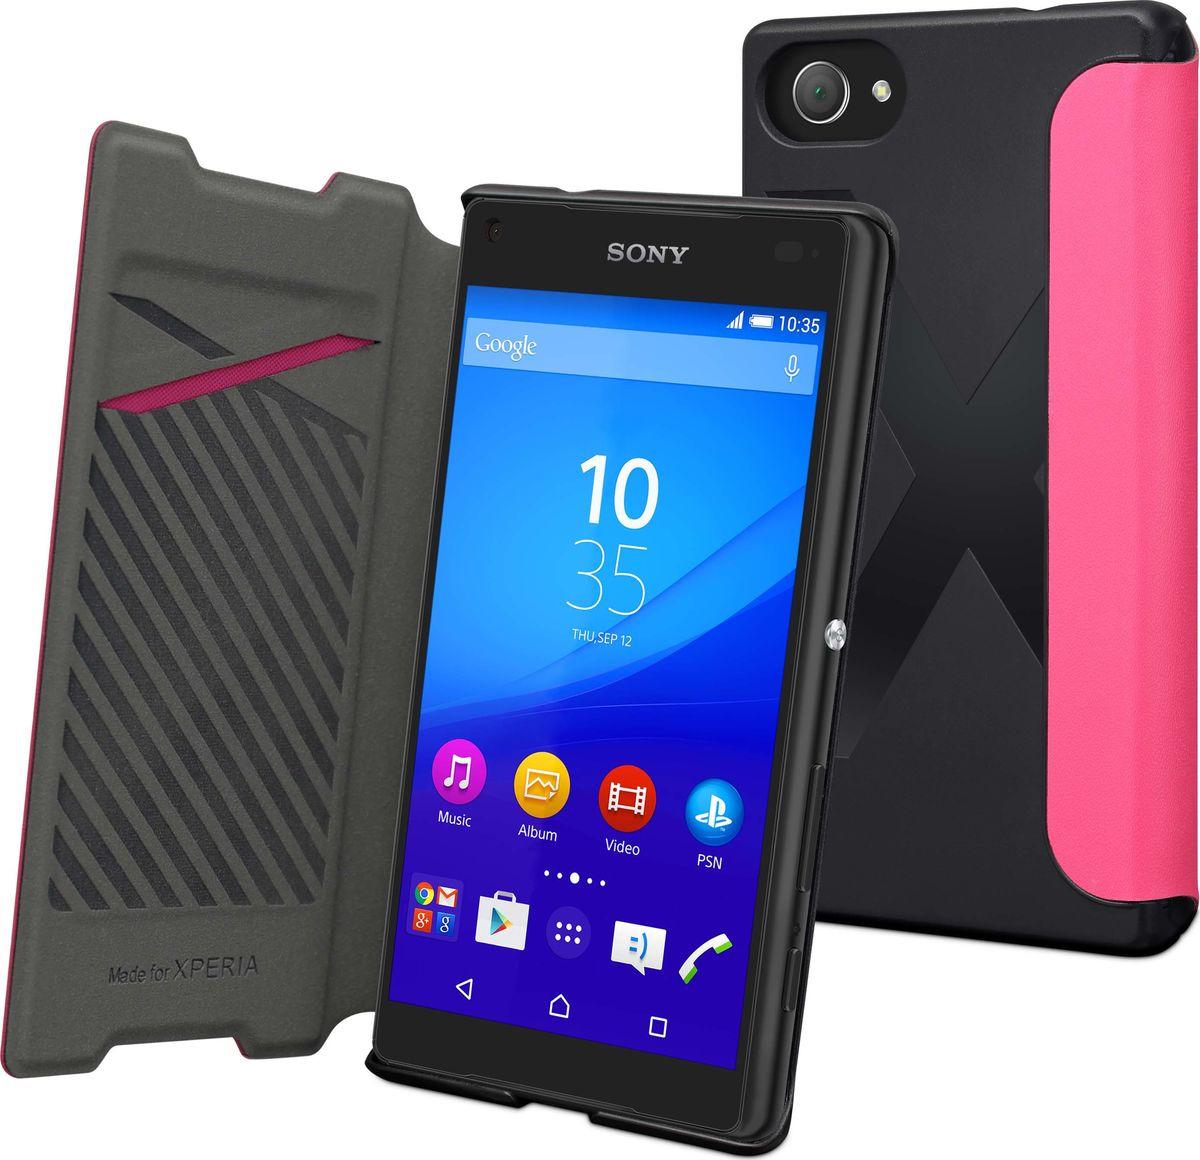 Чехол для сотового телефона Muvit MFX Easy Folio Case для Sony Xperia Z5 Compact, SEEAF0036, розовый